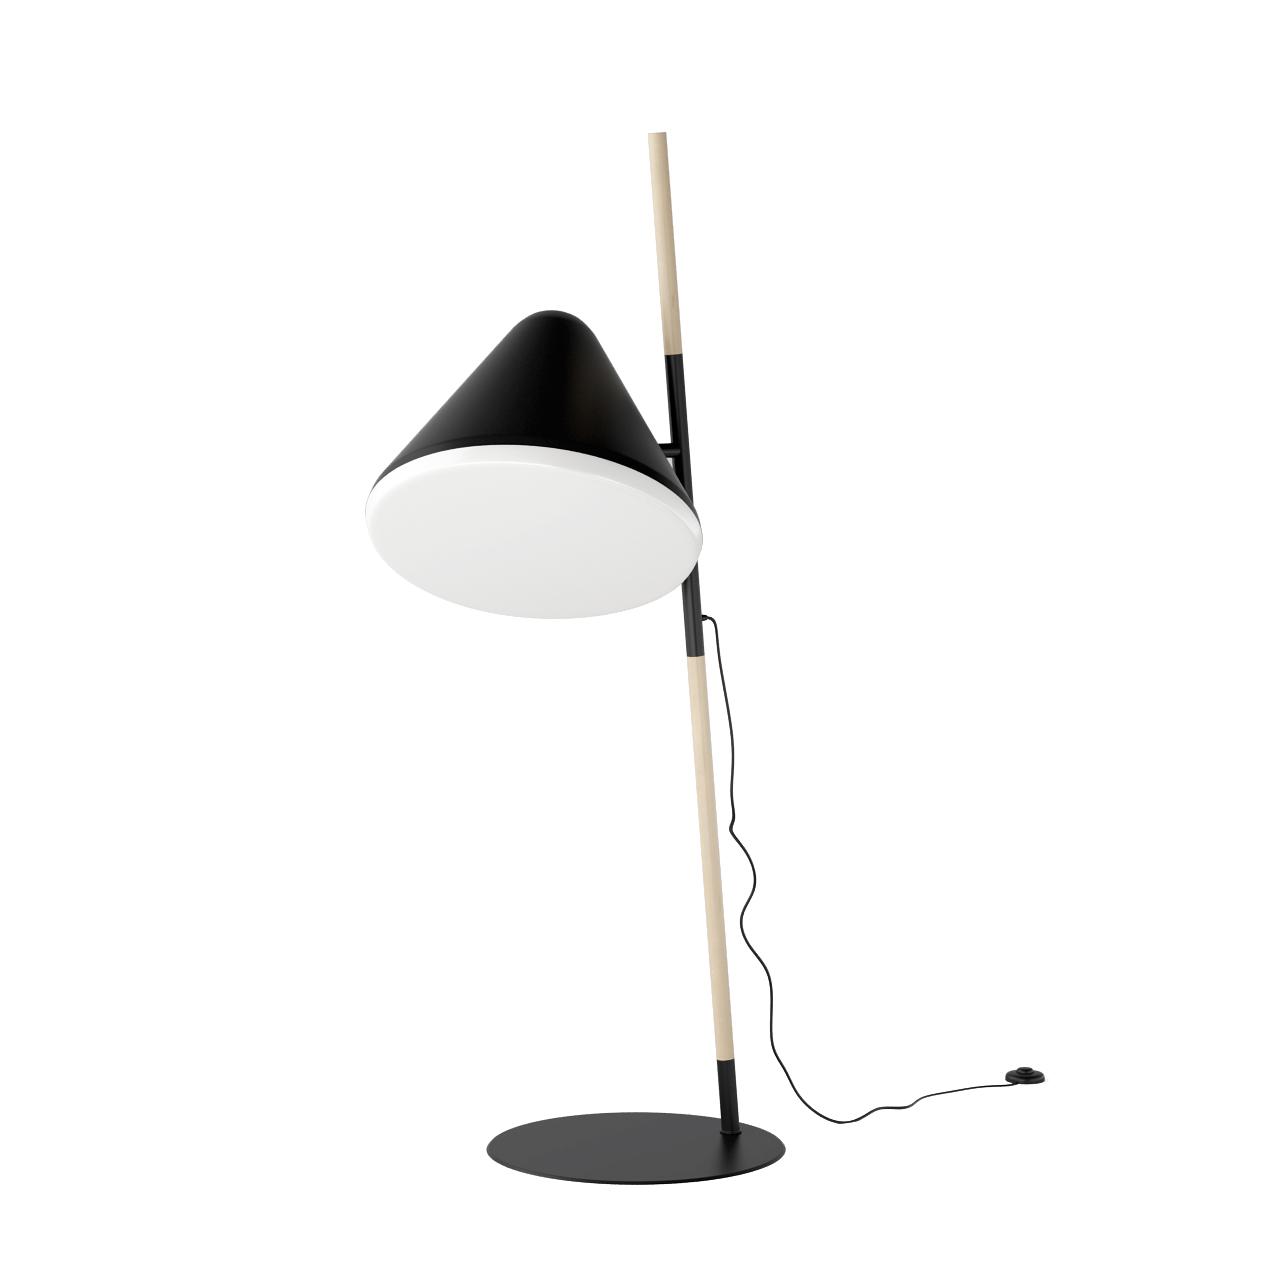 3d Model Hello Floor Lamp By Normann Copenhagen